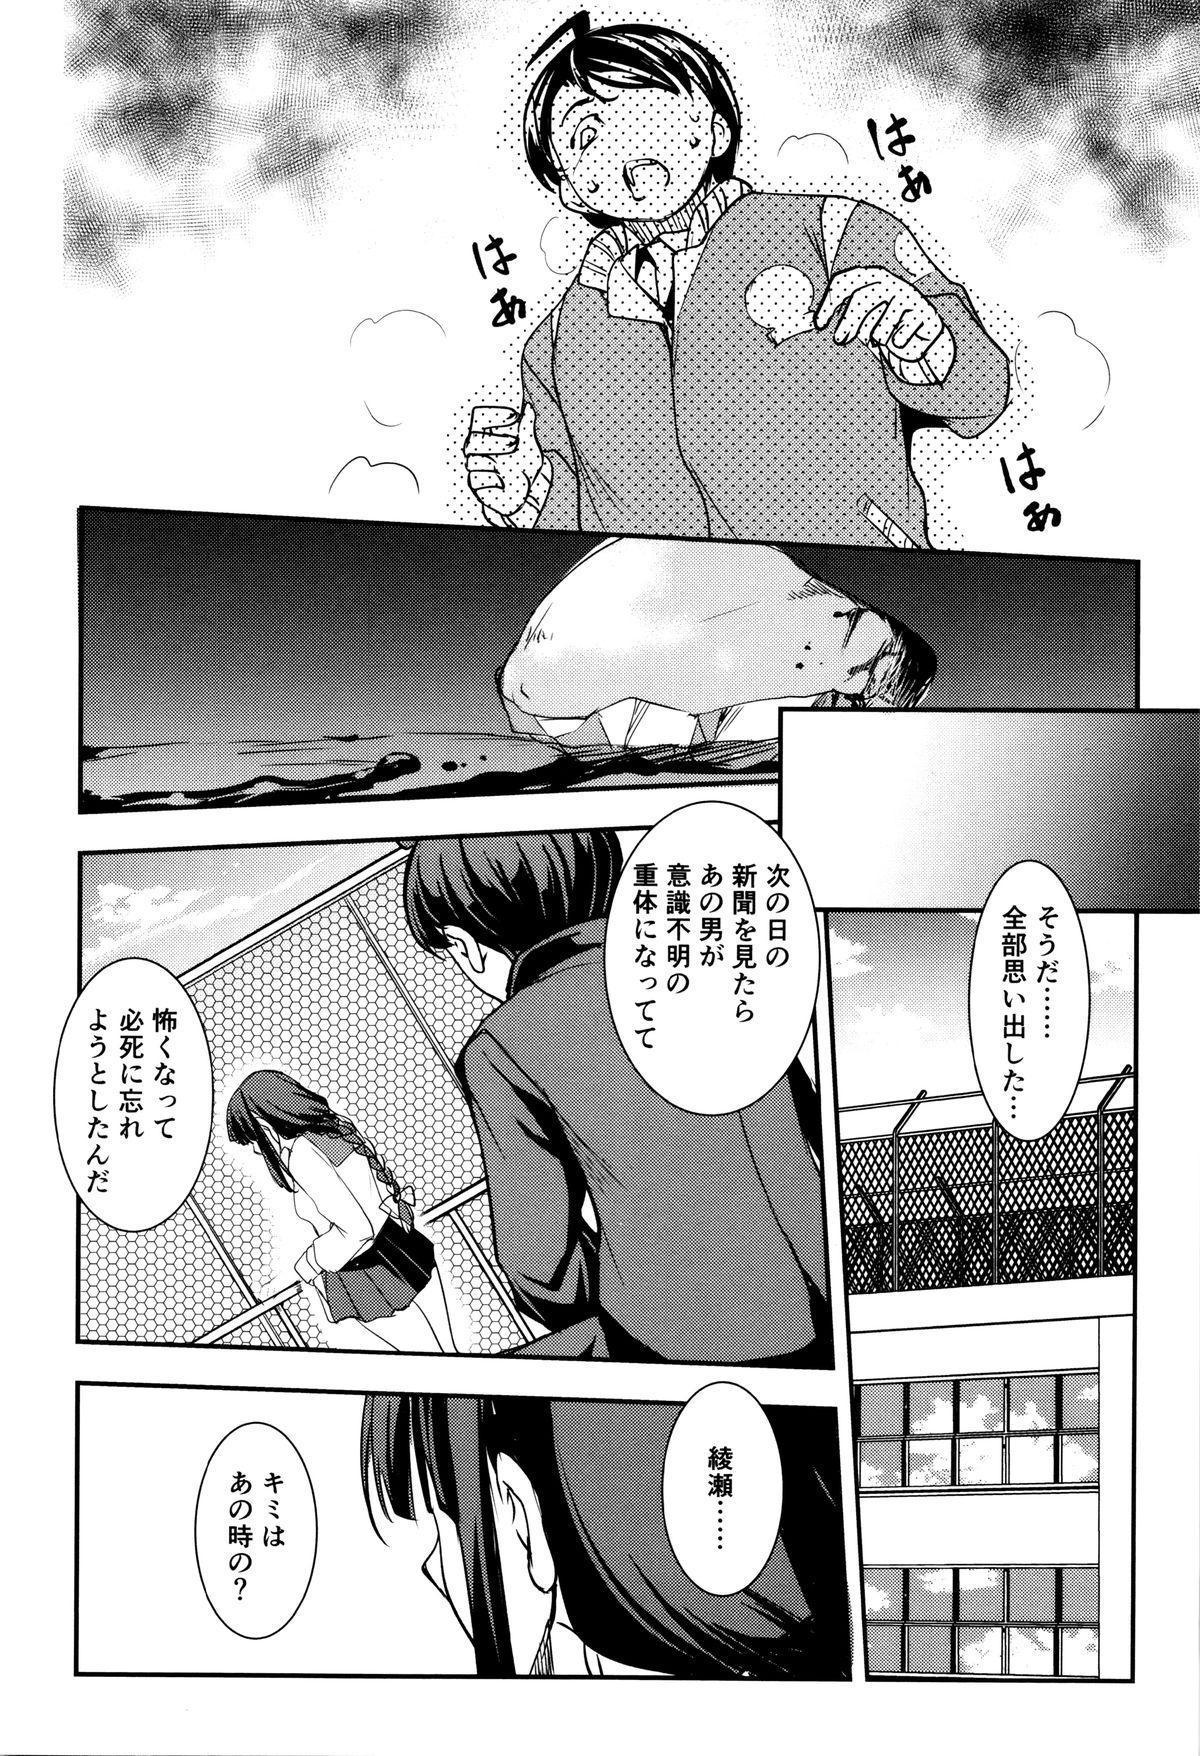 Shikyuu Yuugi 76